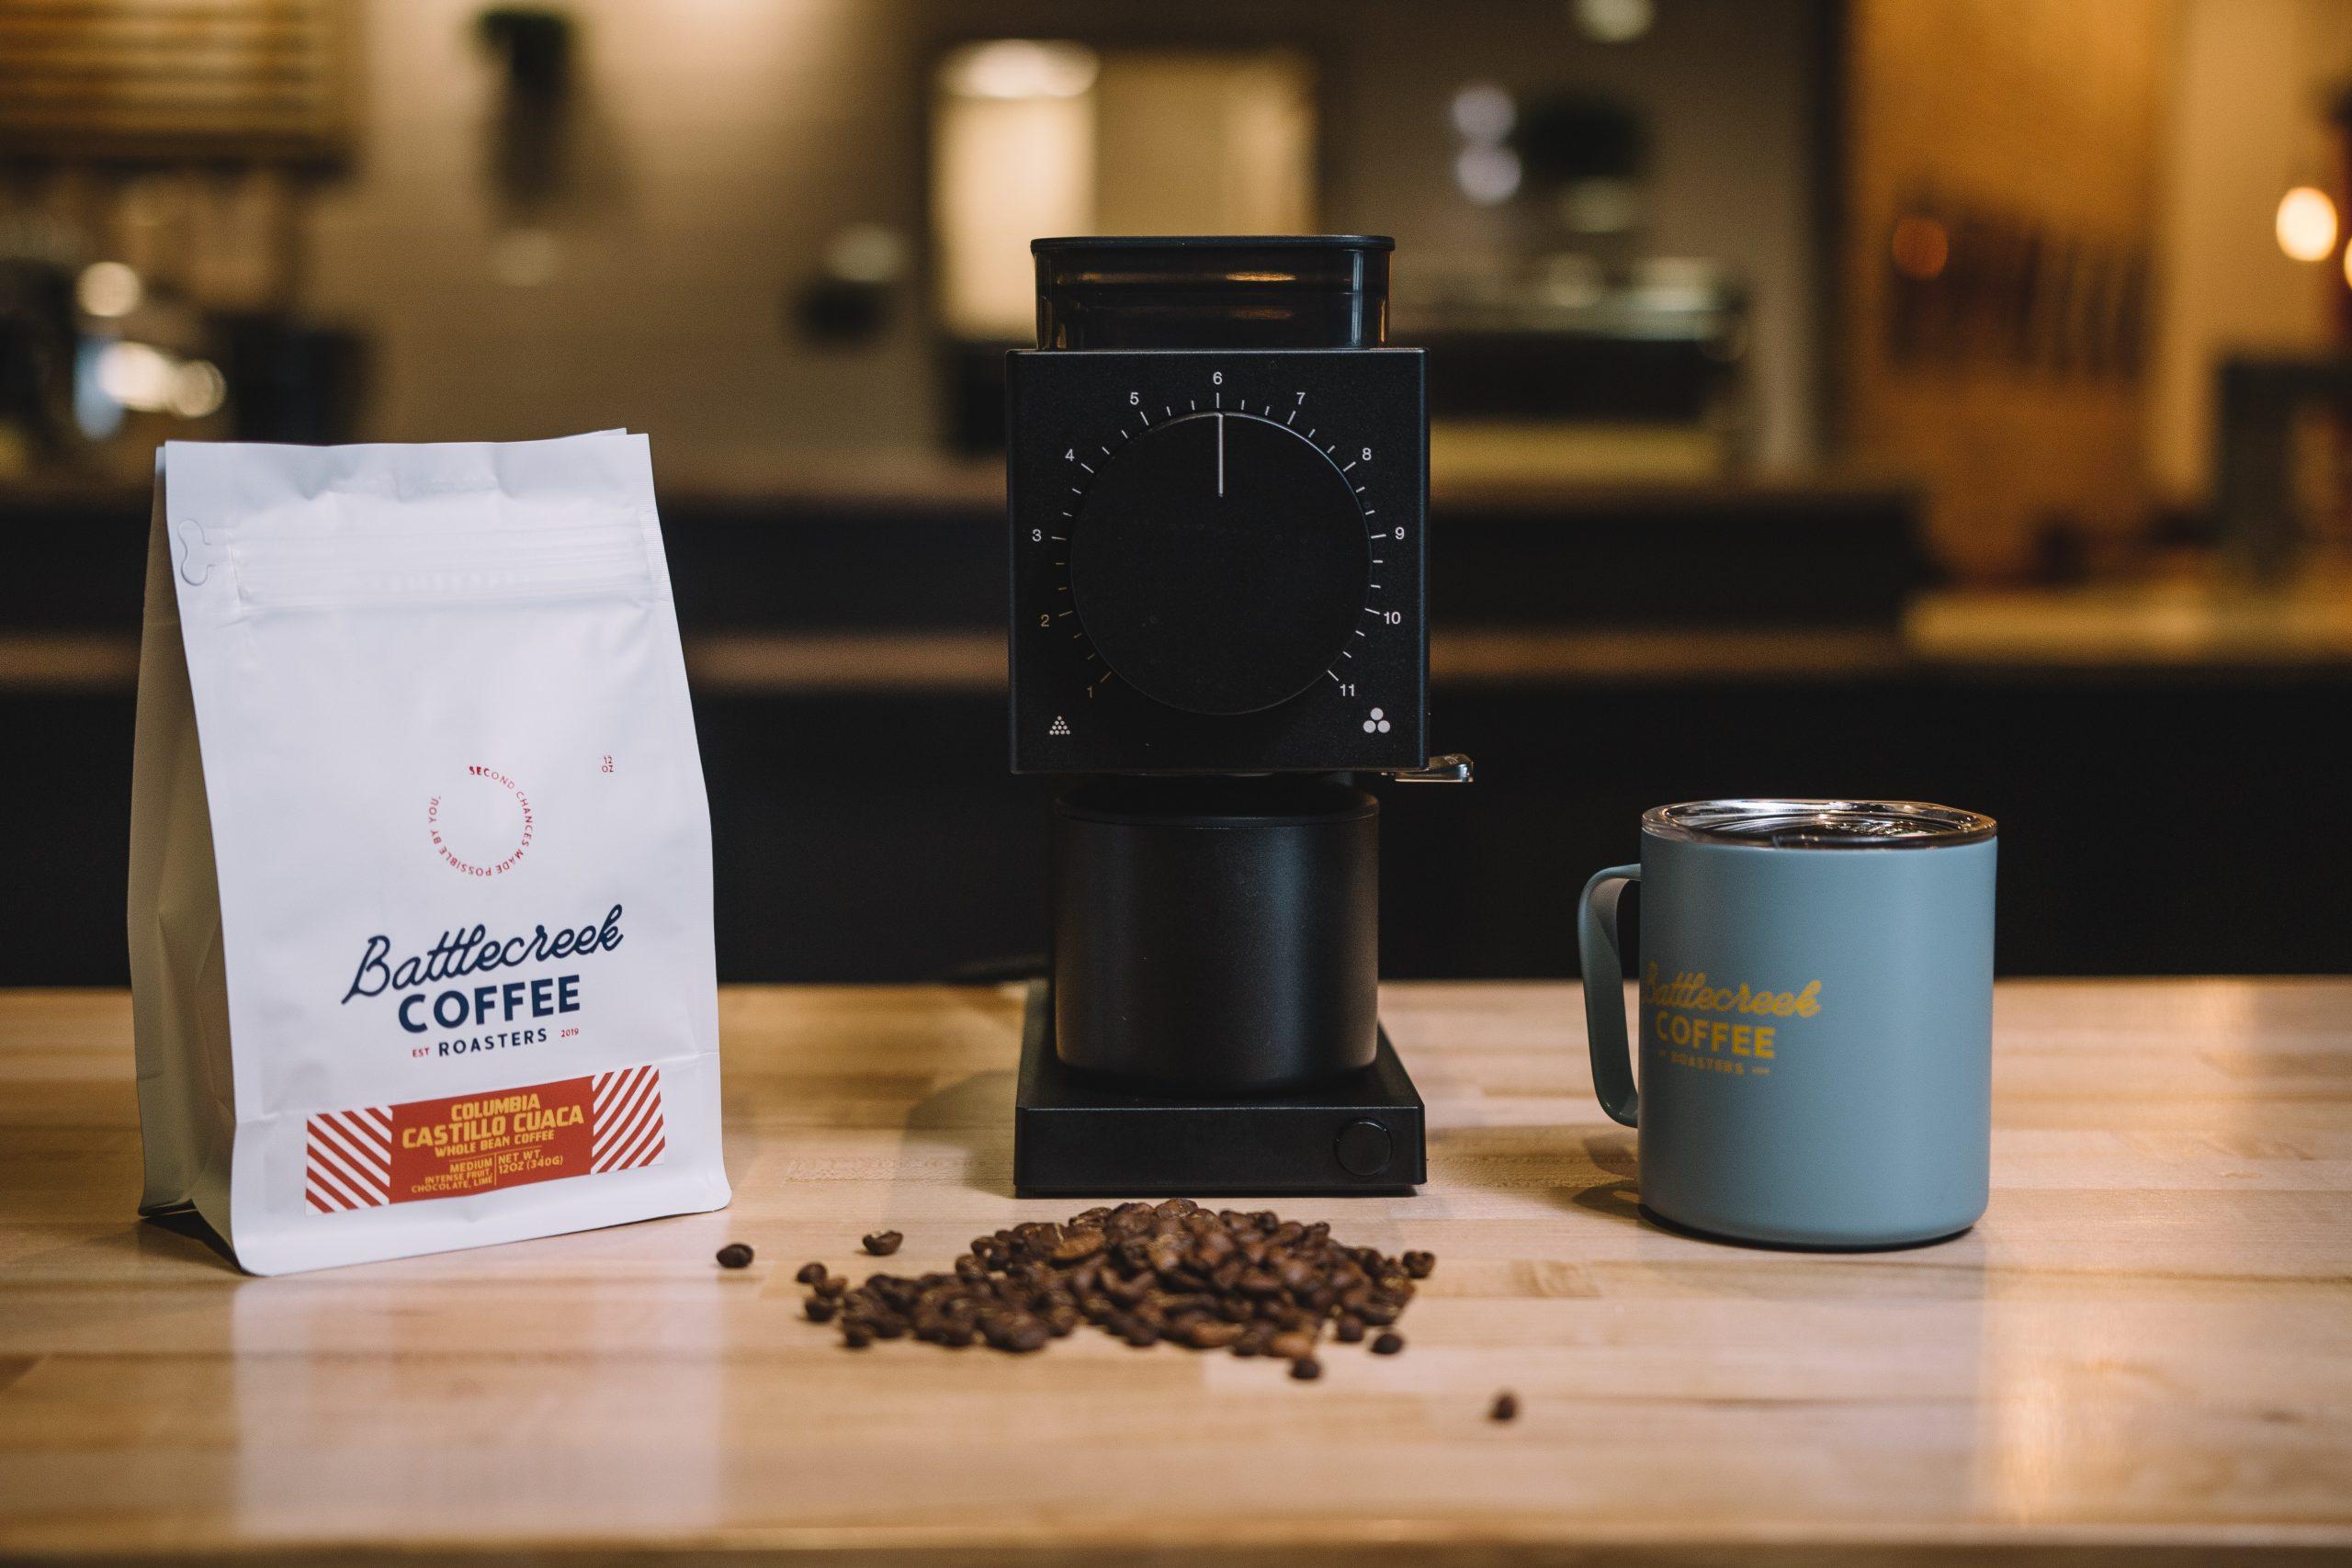 Na foto um moedor de café ao lado de um pacote de café e uma xícara.